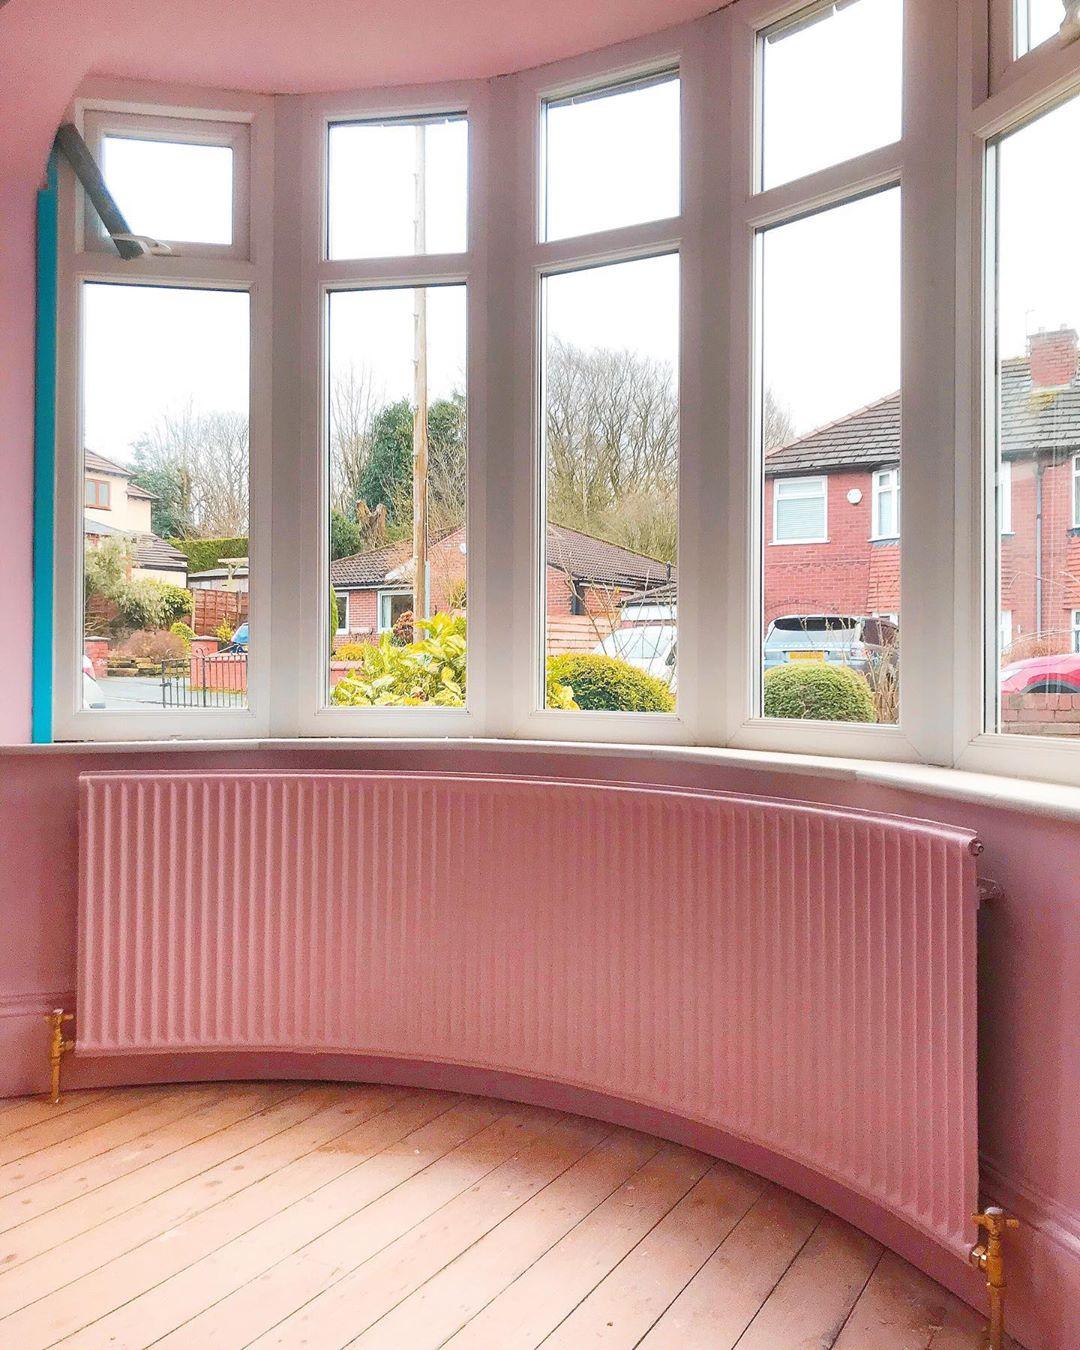 英國夫妻動手把1930年的老房子翻新,全屋「撞色風」煥然一新!